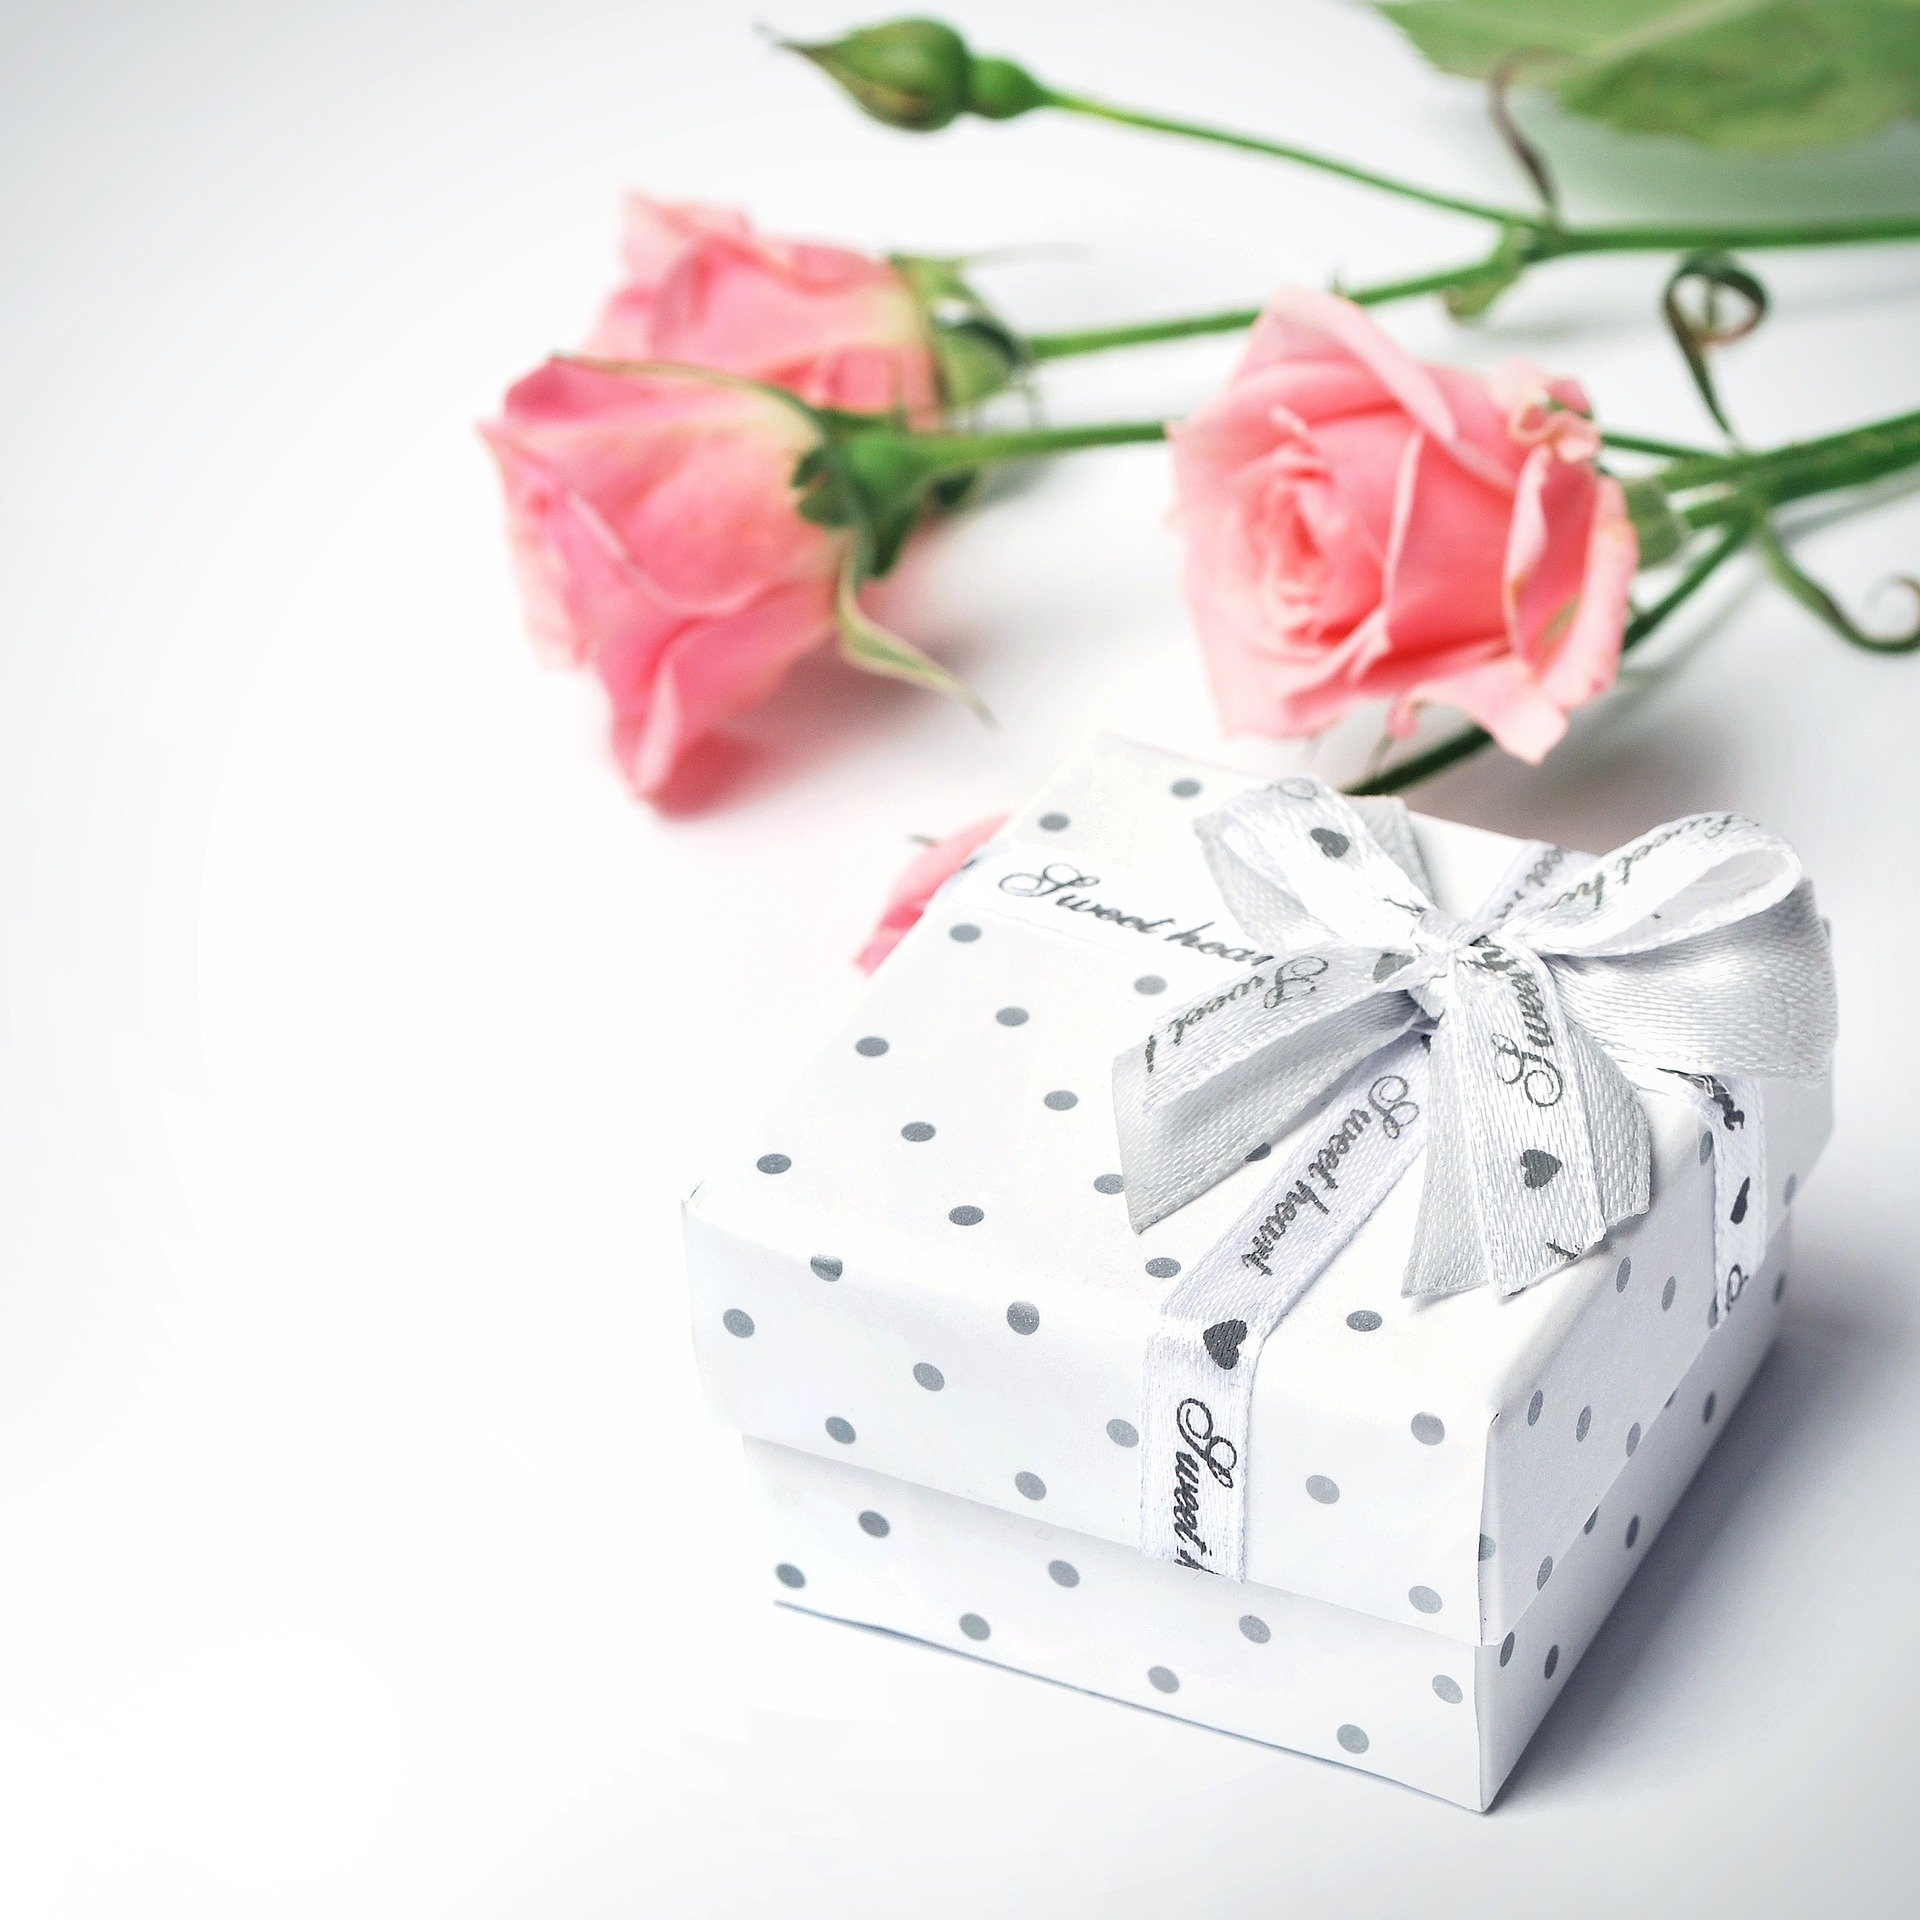 会社設立のお祝いはどうする?知っておくべき相場や贈り物について解説